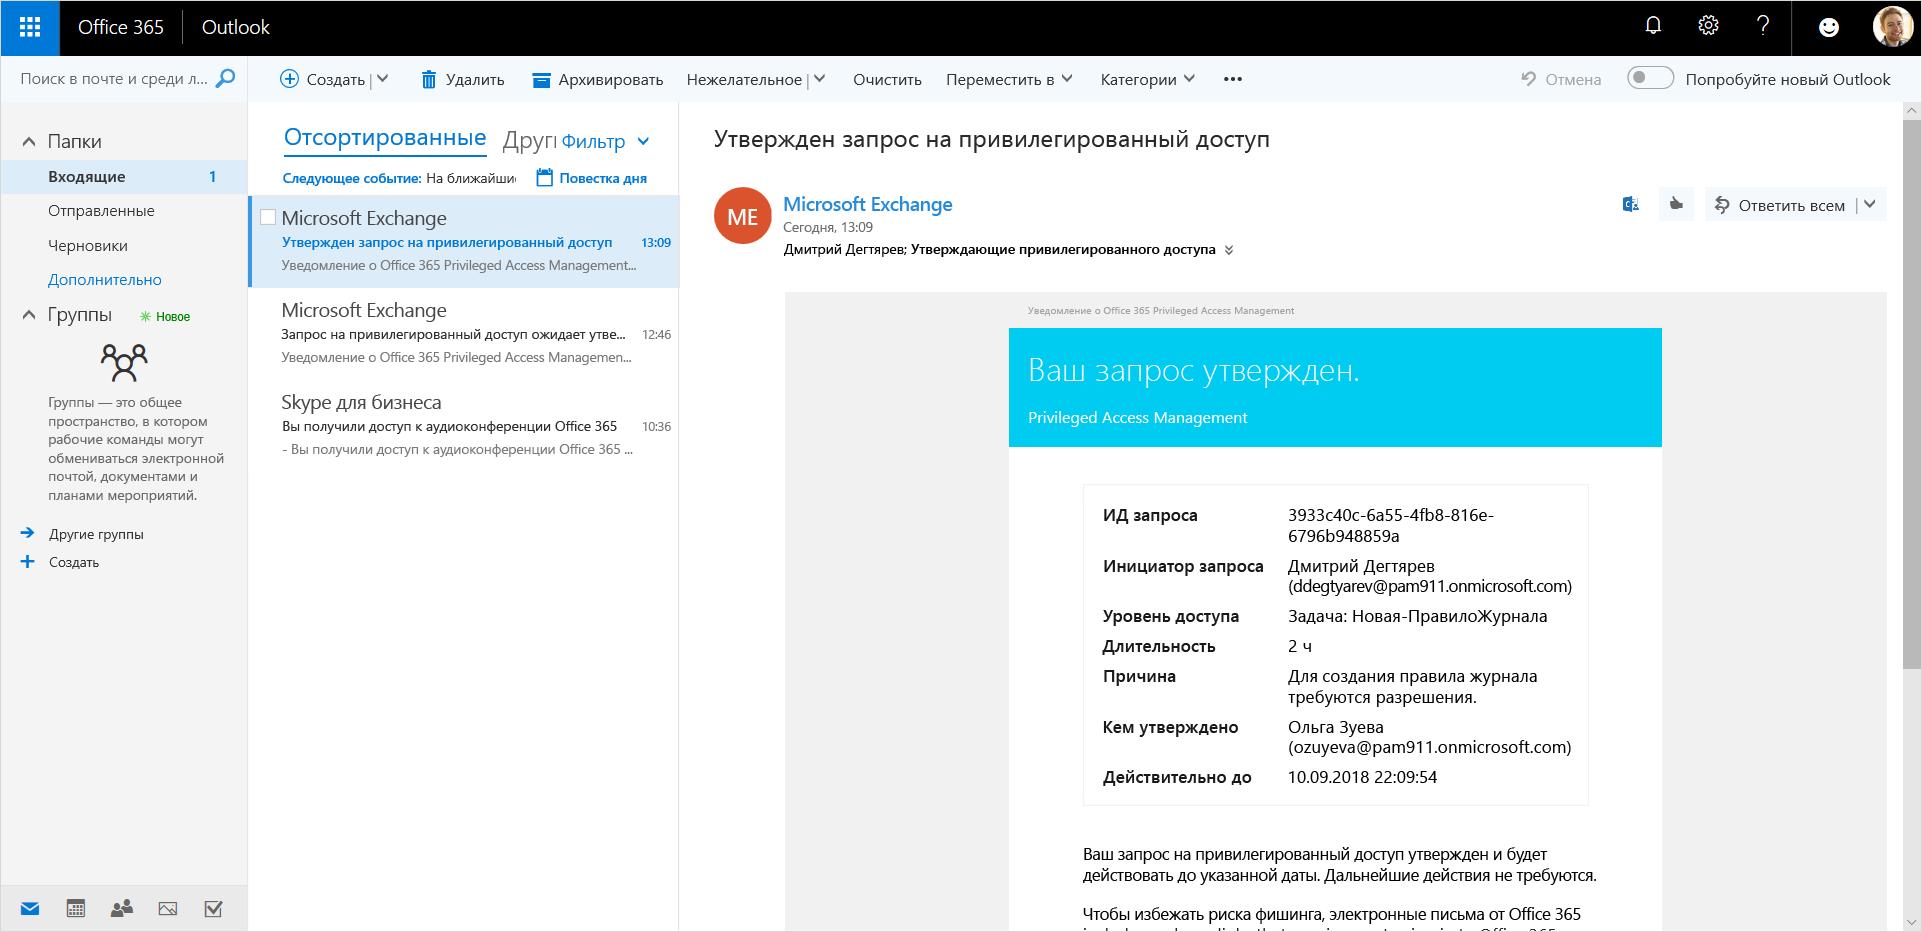 Изображение: одобренный запрос на привилегированный доступ в Outlook